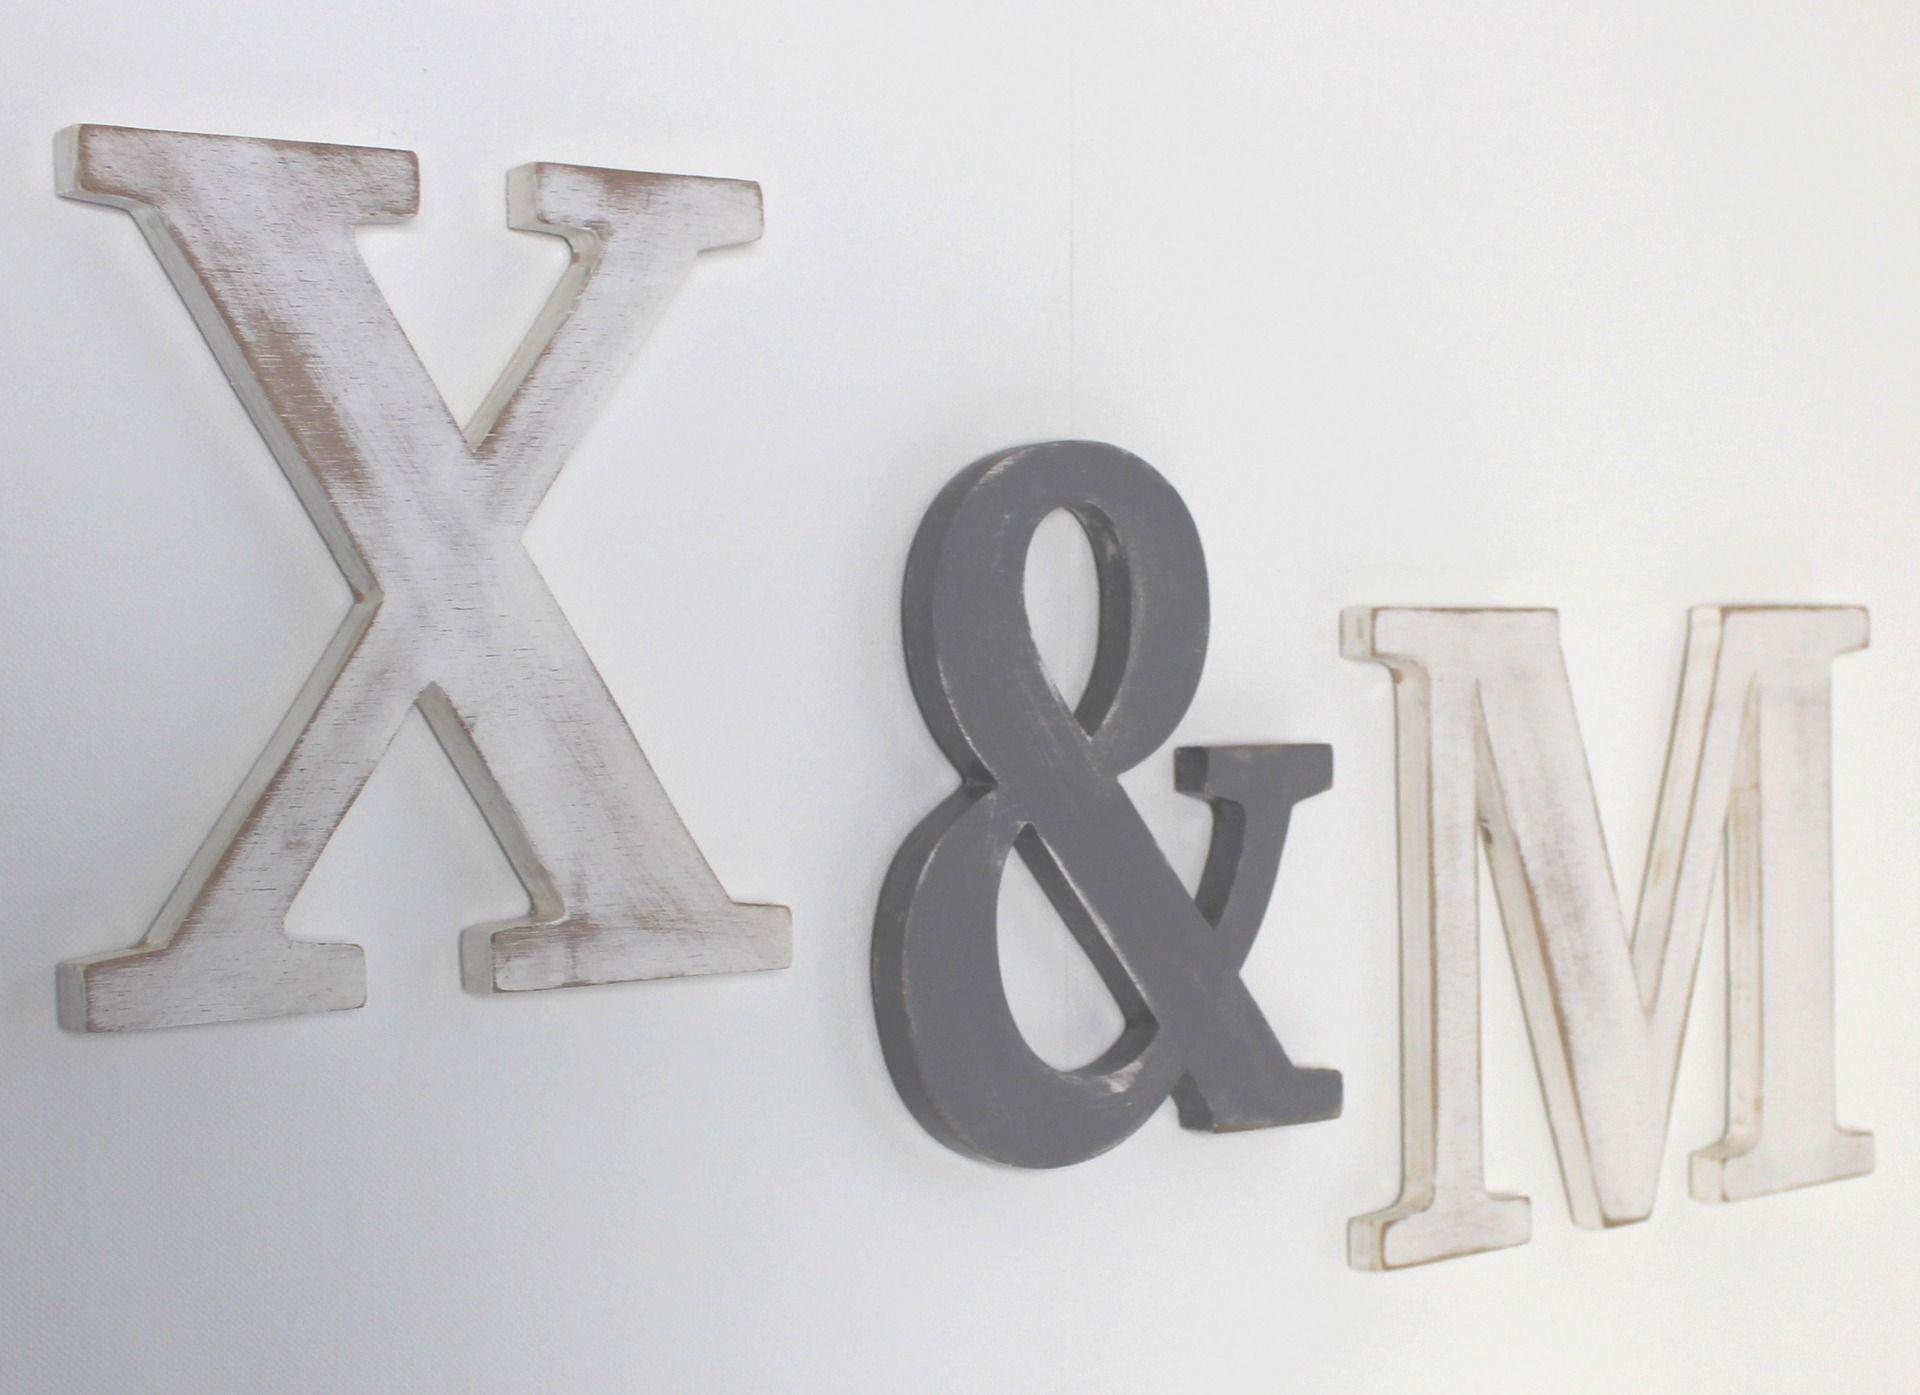 Grandes Lettres En Bois M X Blanc Et Gris Patin Accrocher